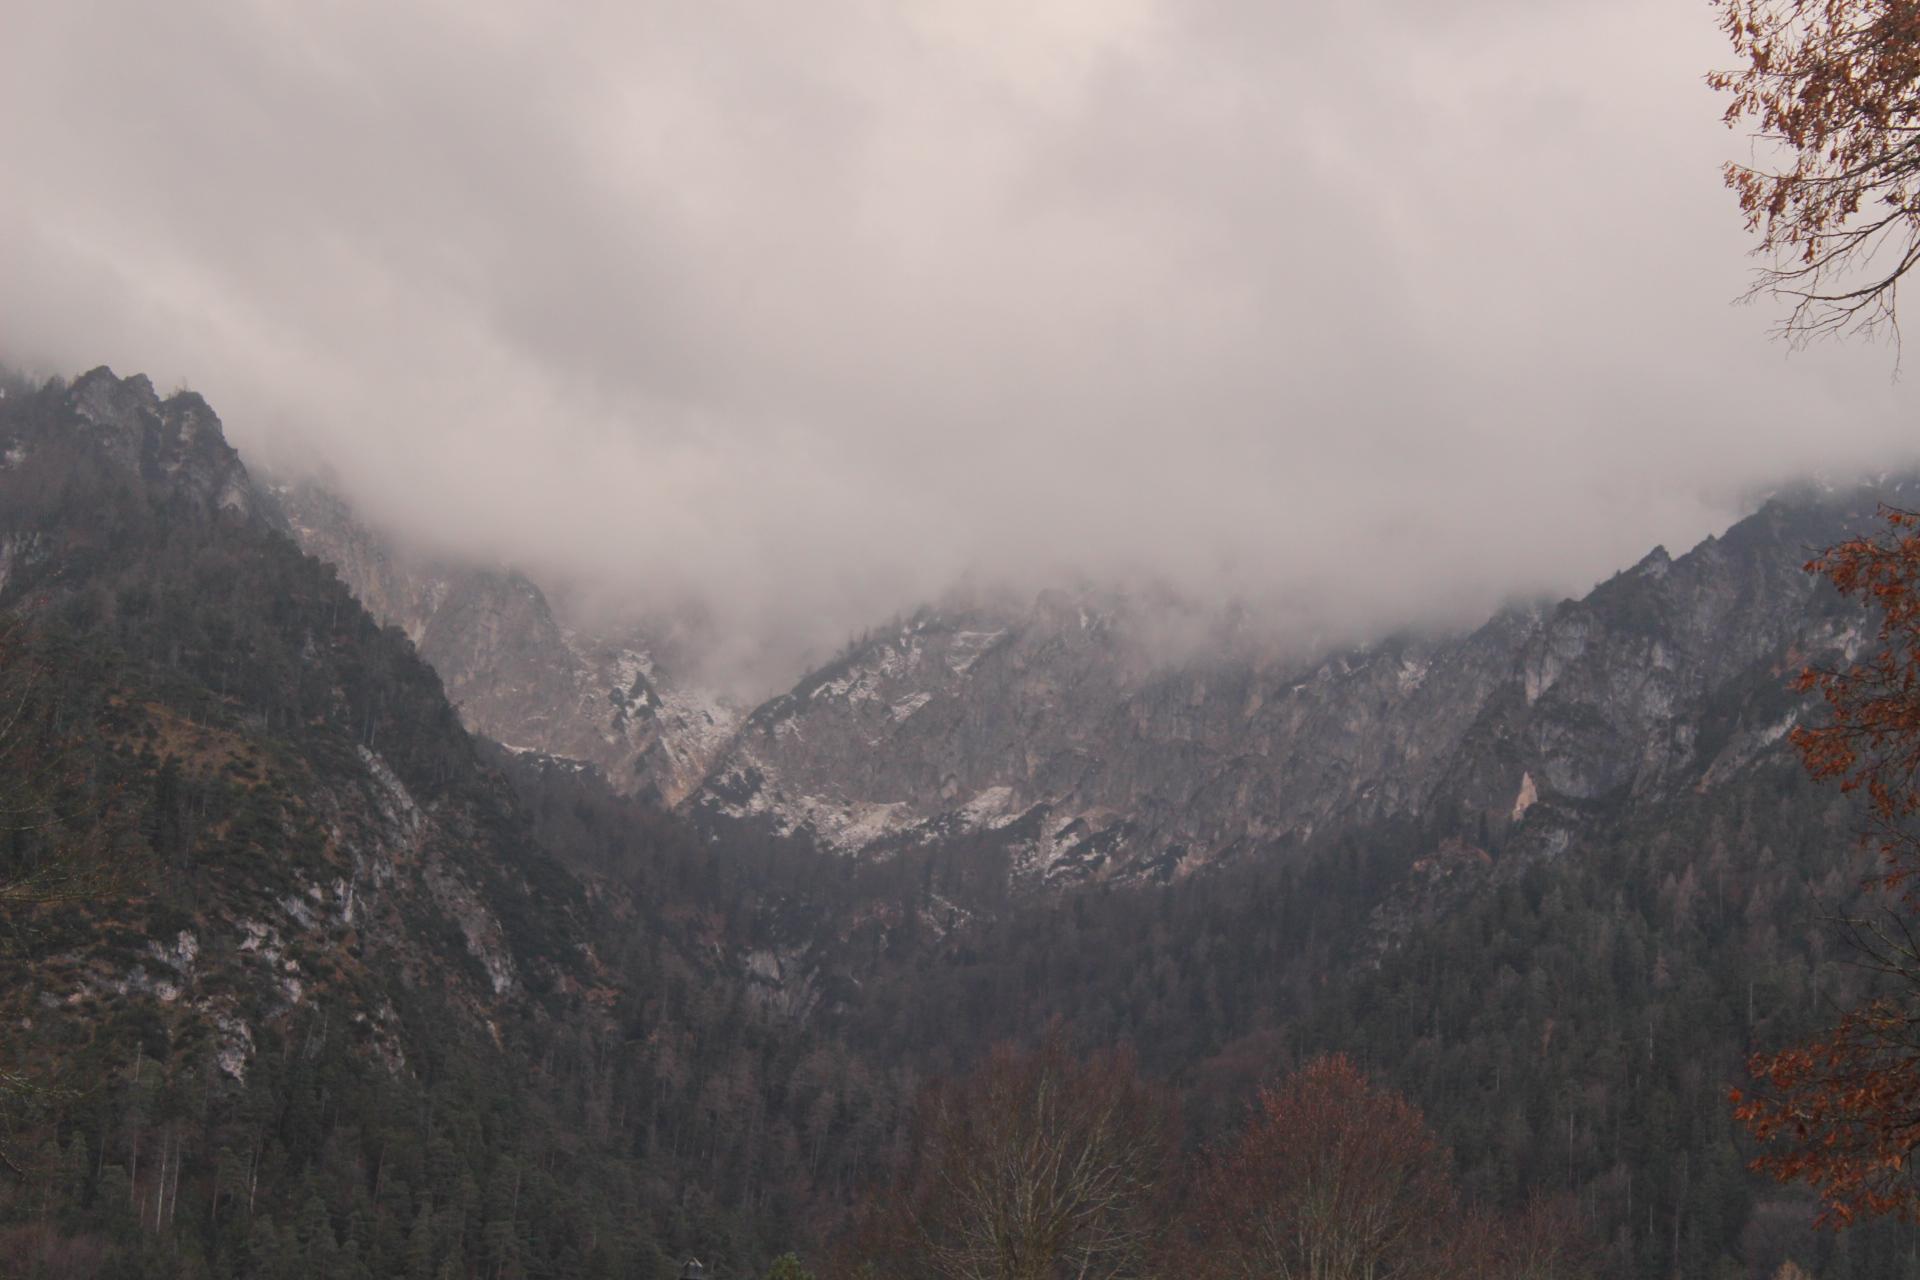 Startausblick auf das wolkenverhangene Lattengebirge